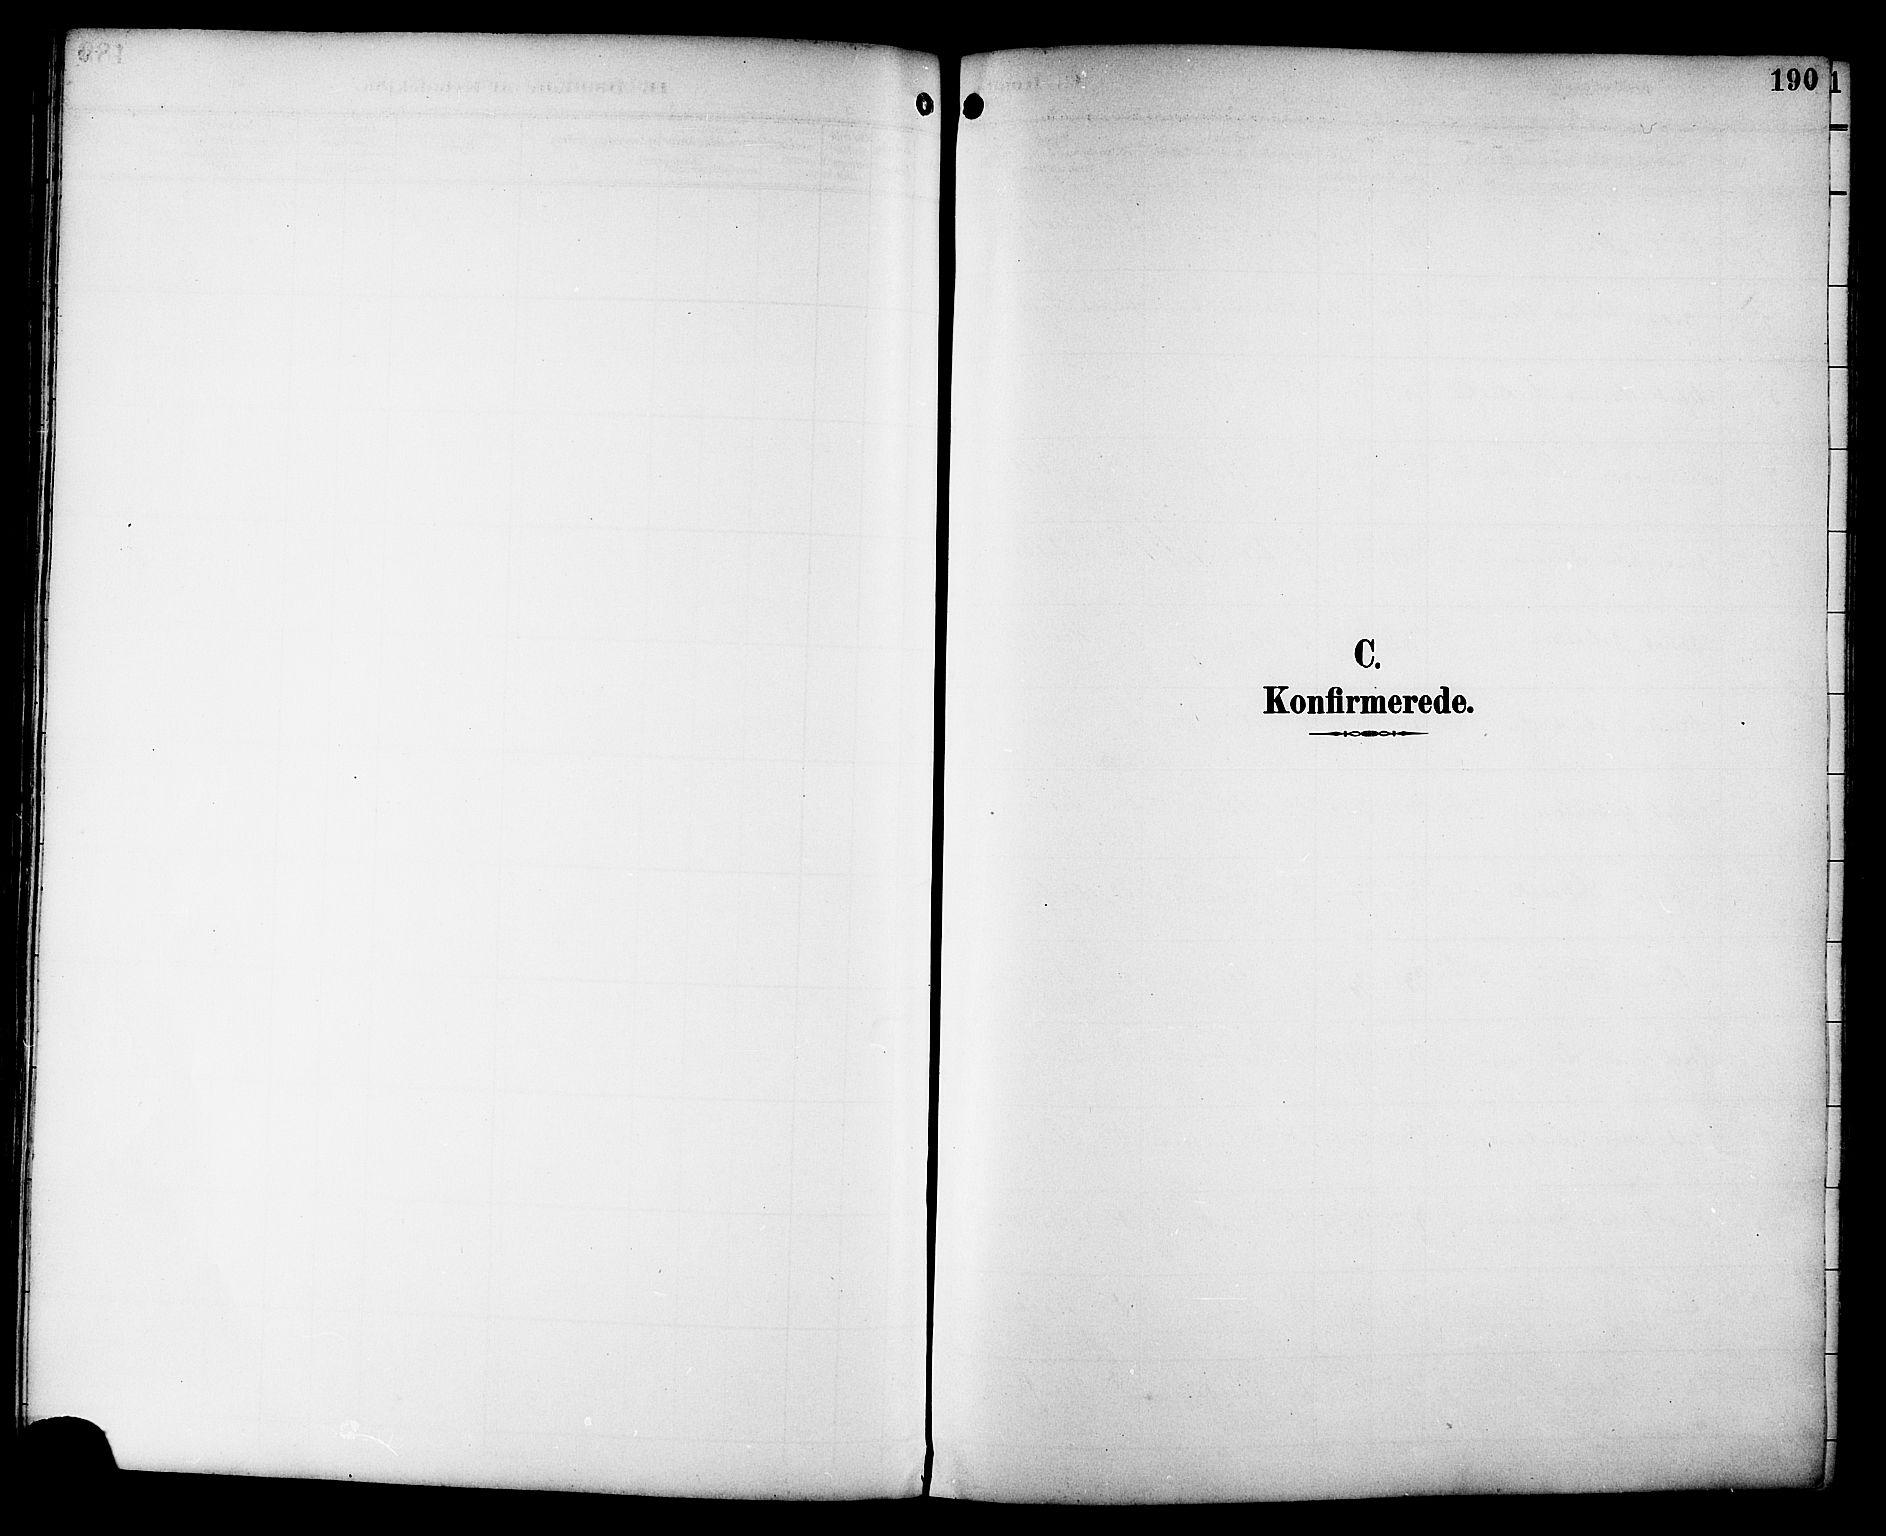 SAT, Ministerialprotokoller, klokkerbøker og fødselsregistre - Sør-Trøndelag, 659/L0746: Klokkerbok nr. 659C03, 1893-1912, s. 190